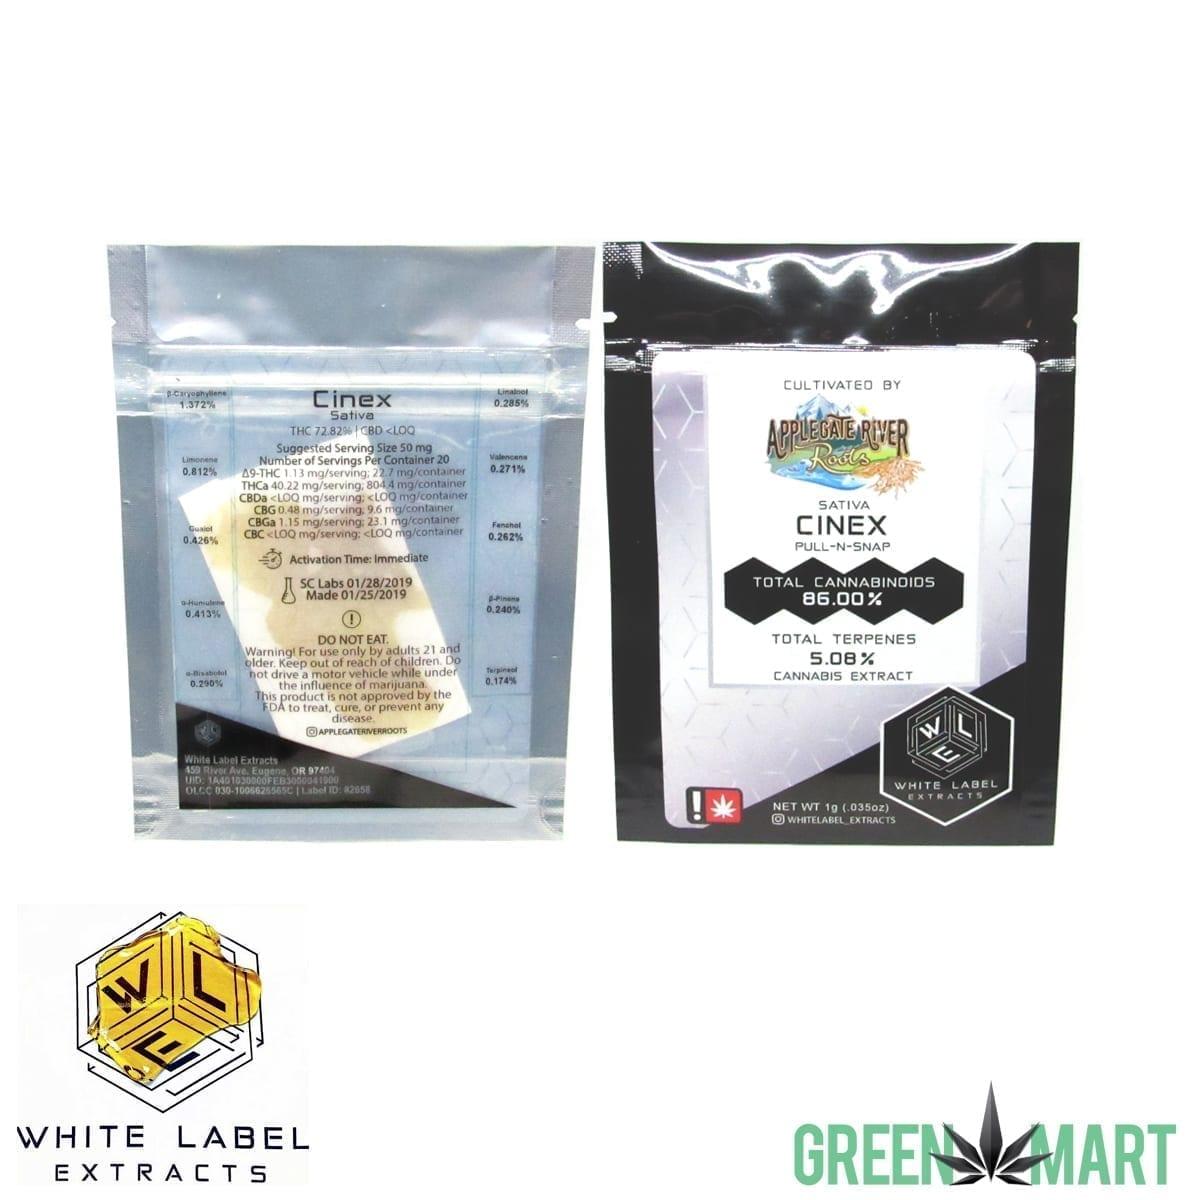 White Label Extracts - Cinex